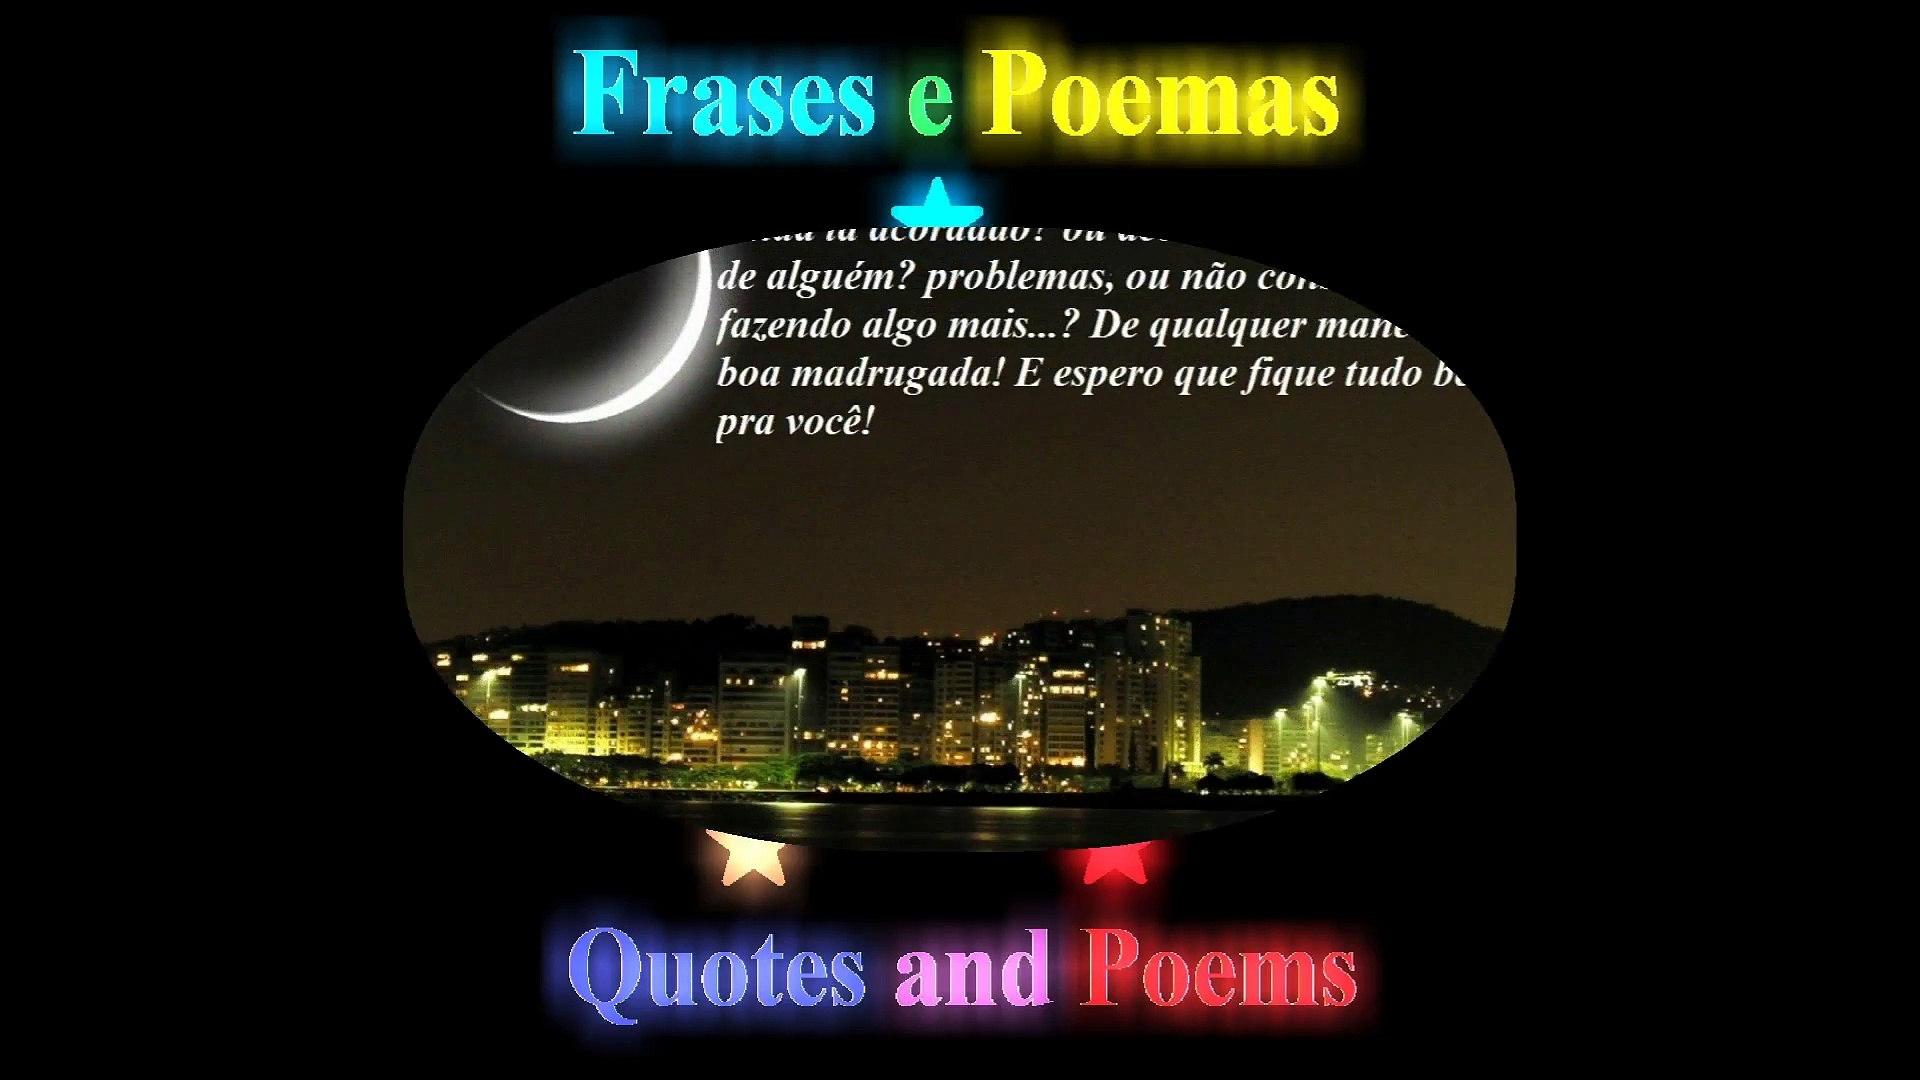 Boa Madrugada Pra Você Ainda Tá Acordado Boa Sorte Mensagem Frases E Poemas